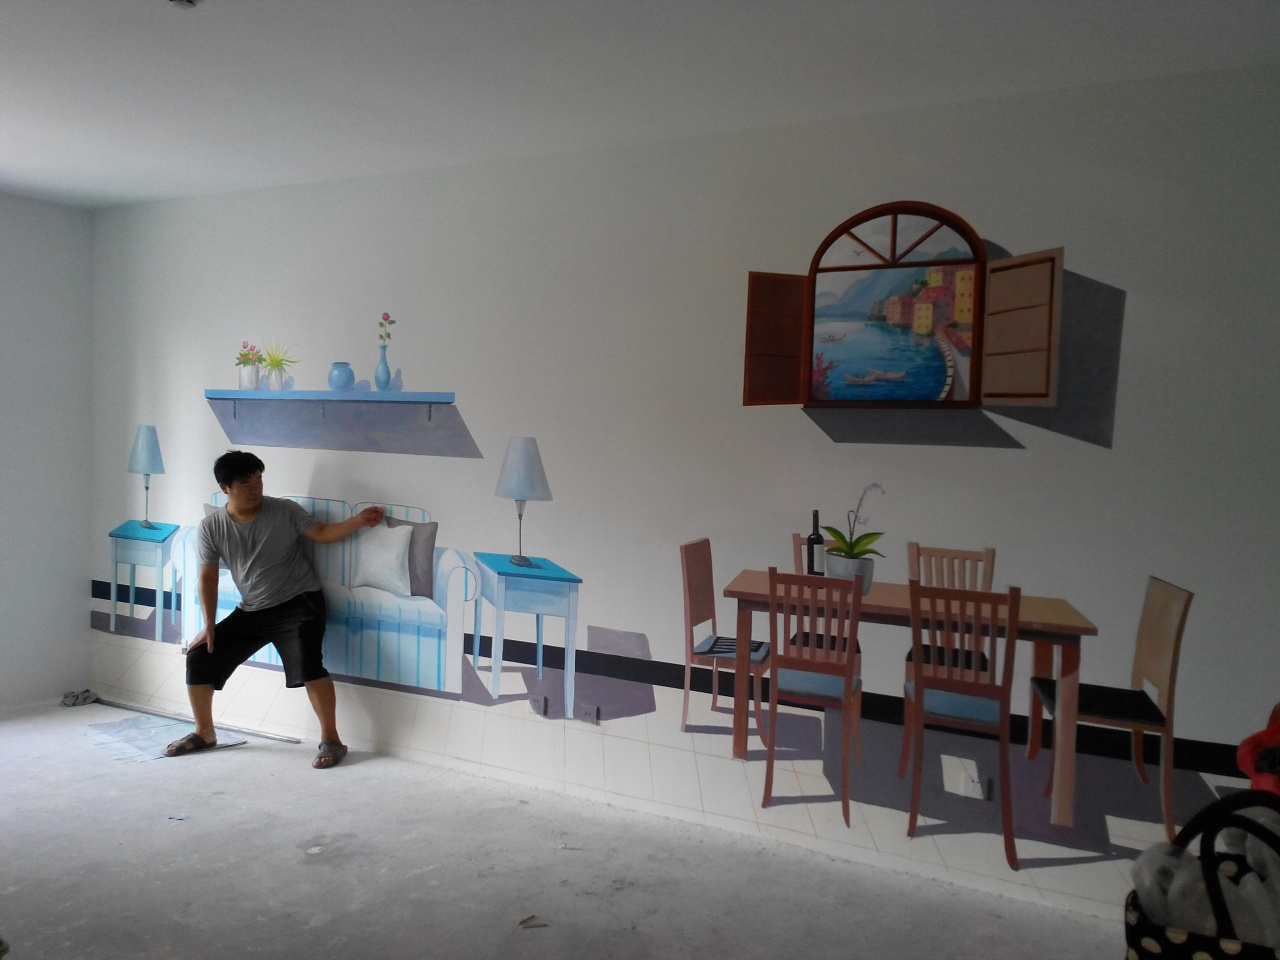 青岛绘美时尚装饰工程有限公司墙绘案例分享9